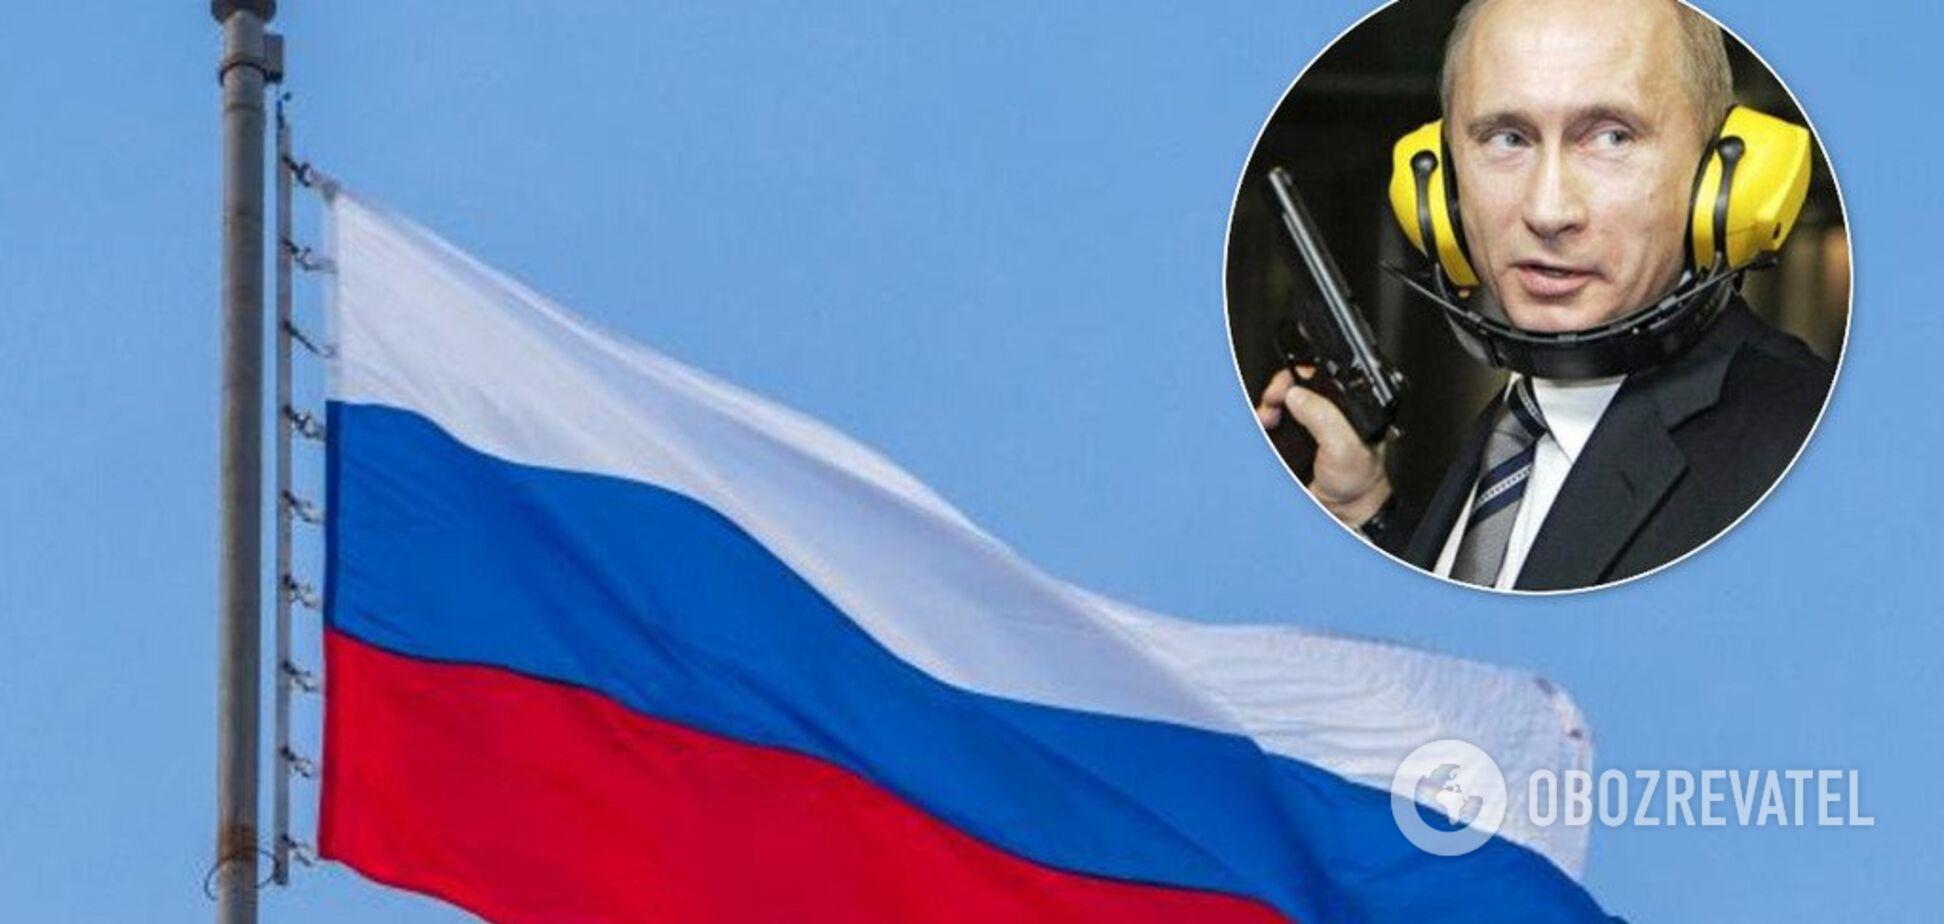 Стався витік про секретну суперзброю Путіна: що дізналися